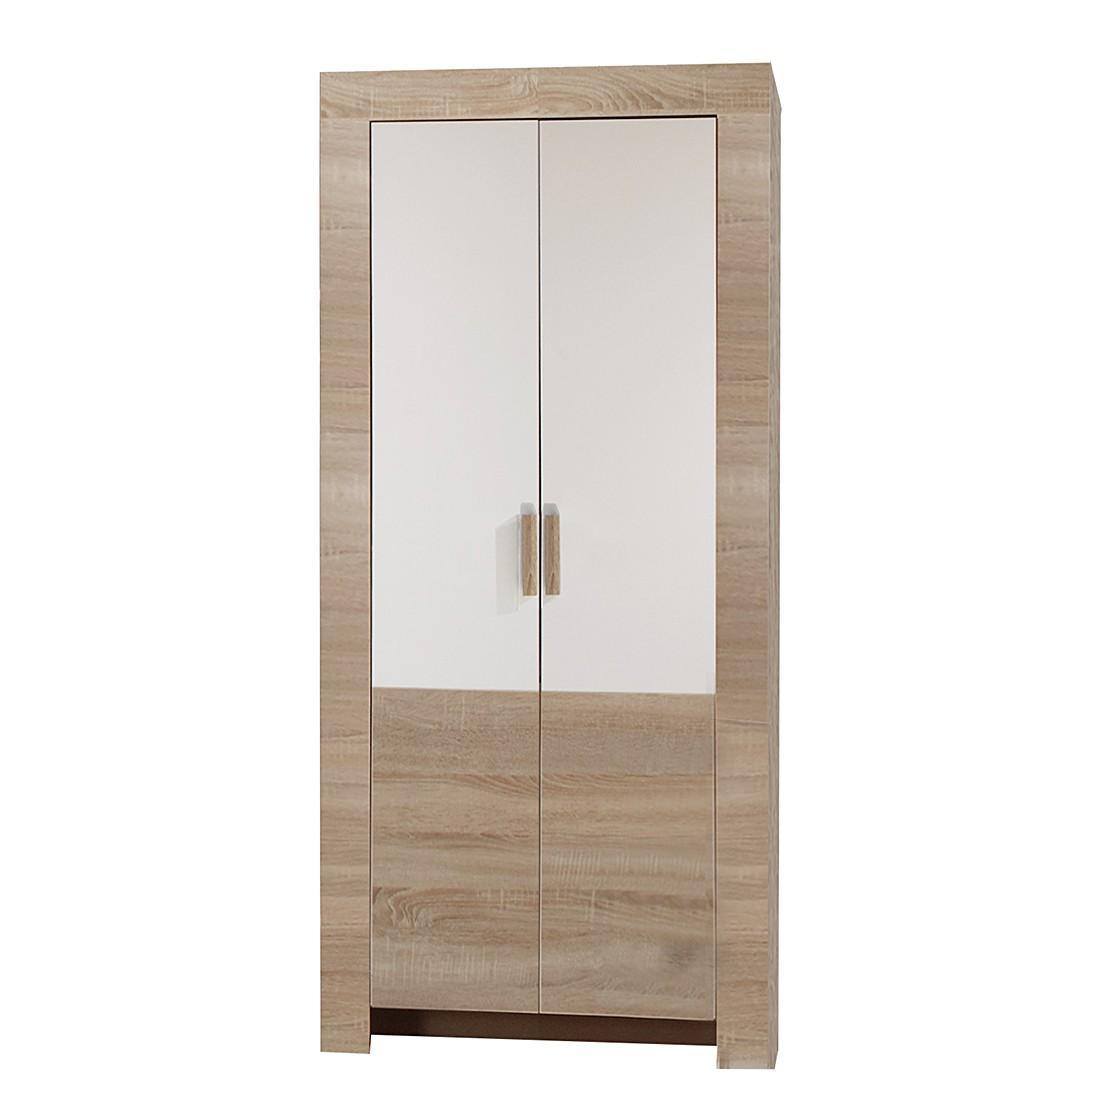 Kledingkast Emma - grof gezaagde eikenhouten look/wit - 2-deurs, Wimex